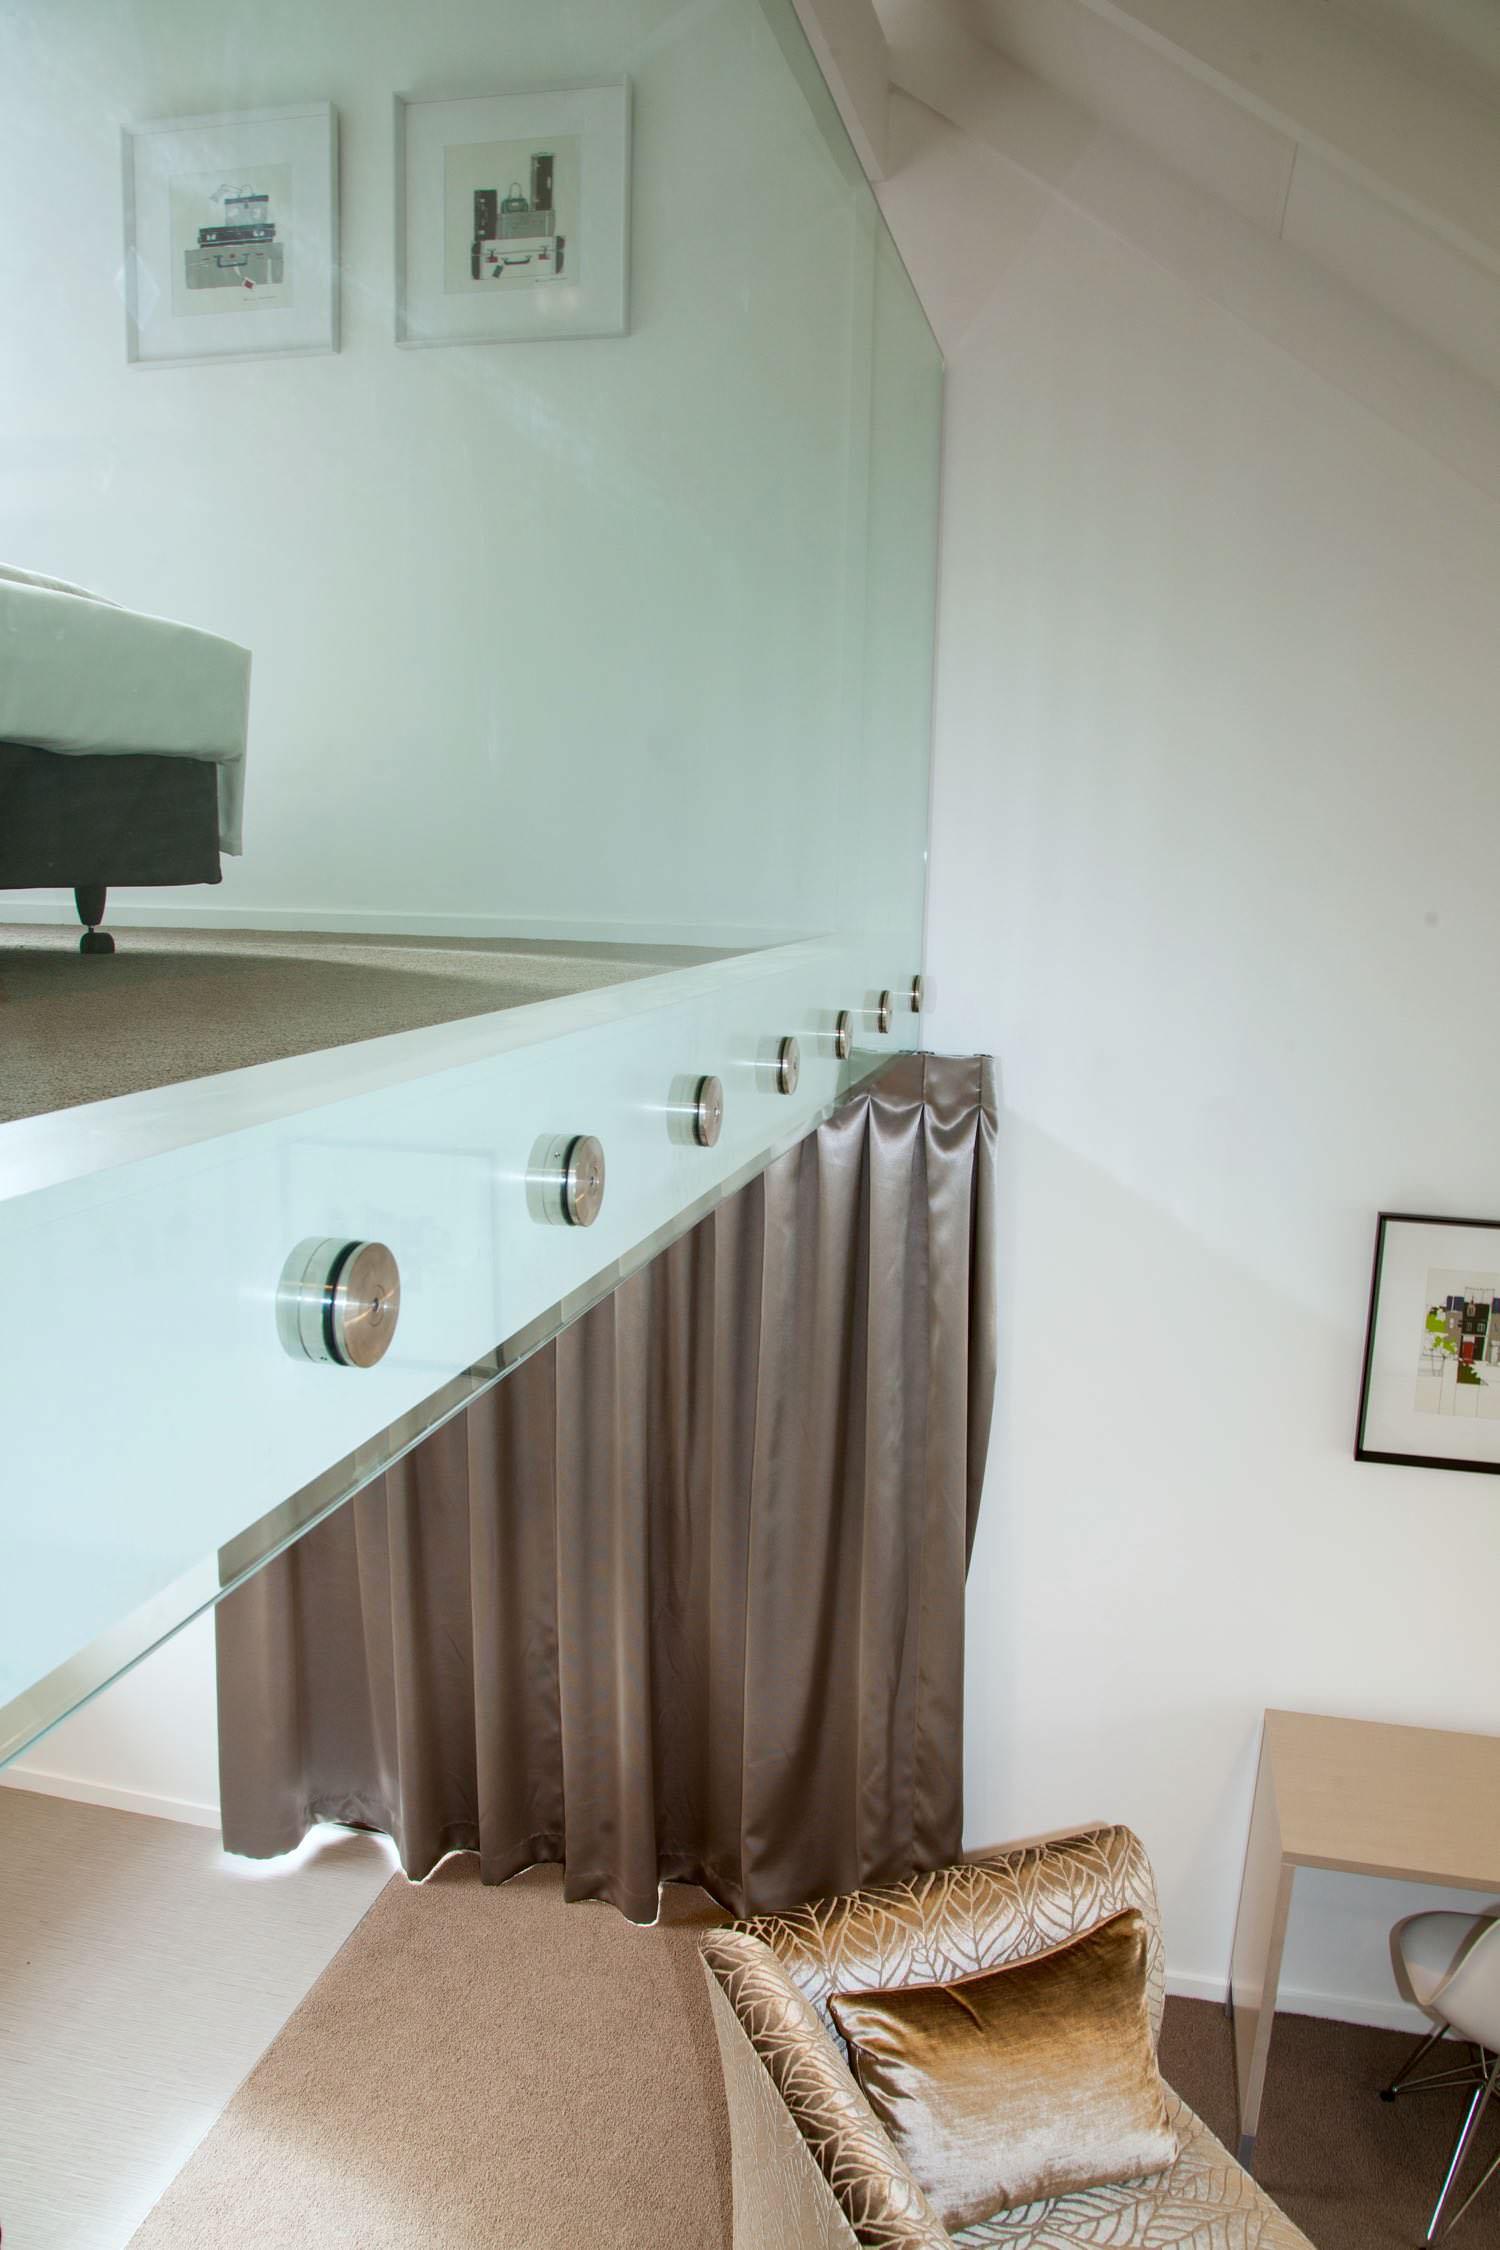 mezzanine - king glass